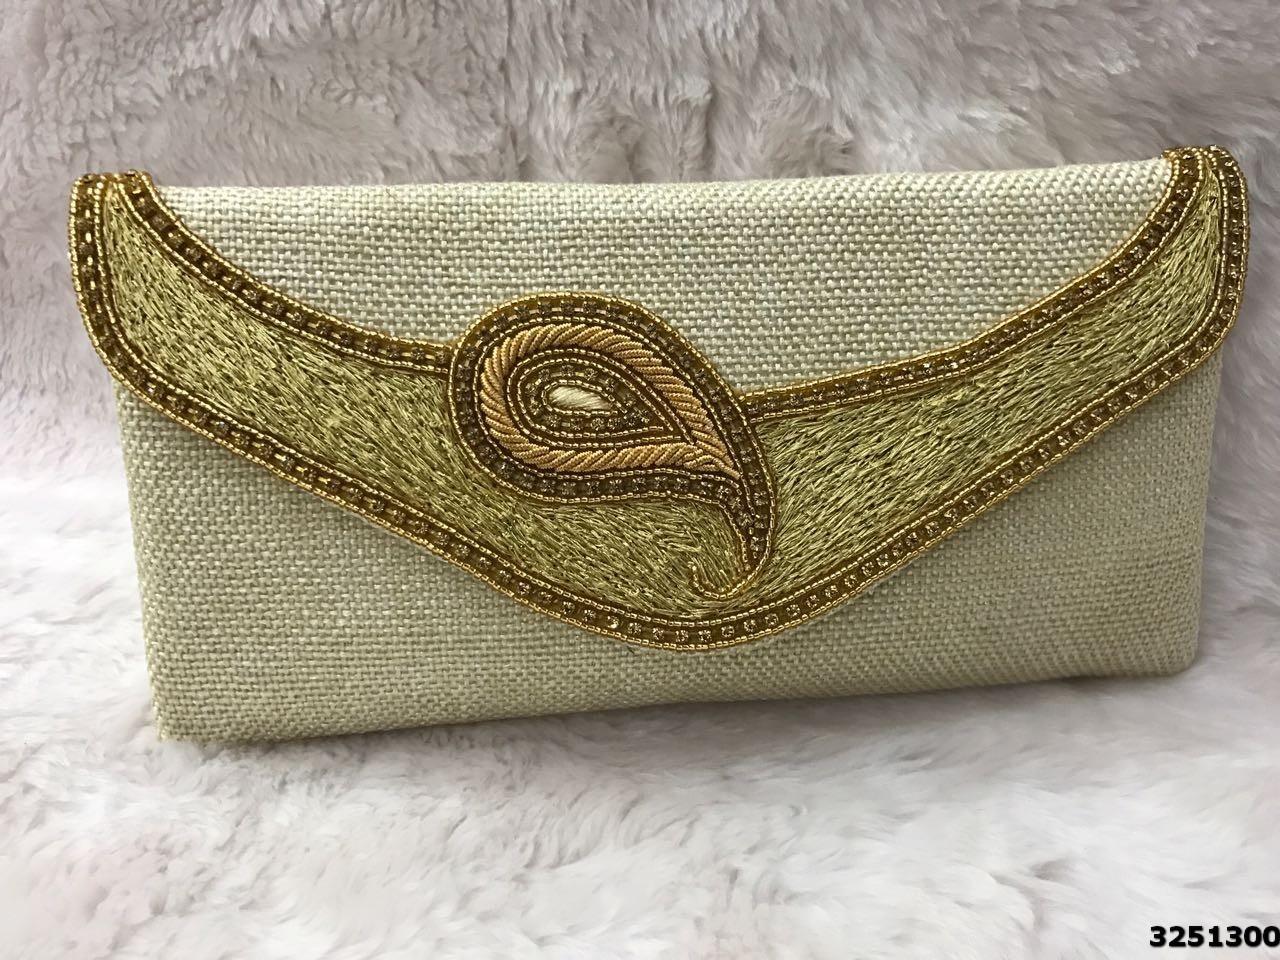 Elegant Stylish Ladies Clutch Bag